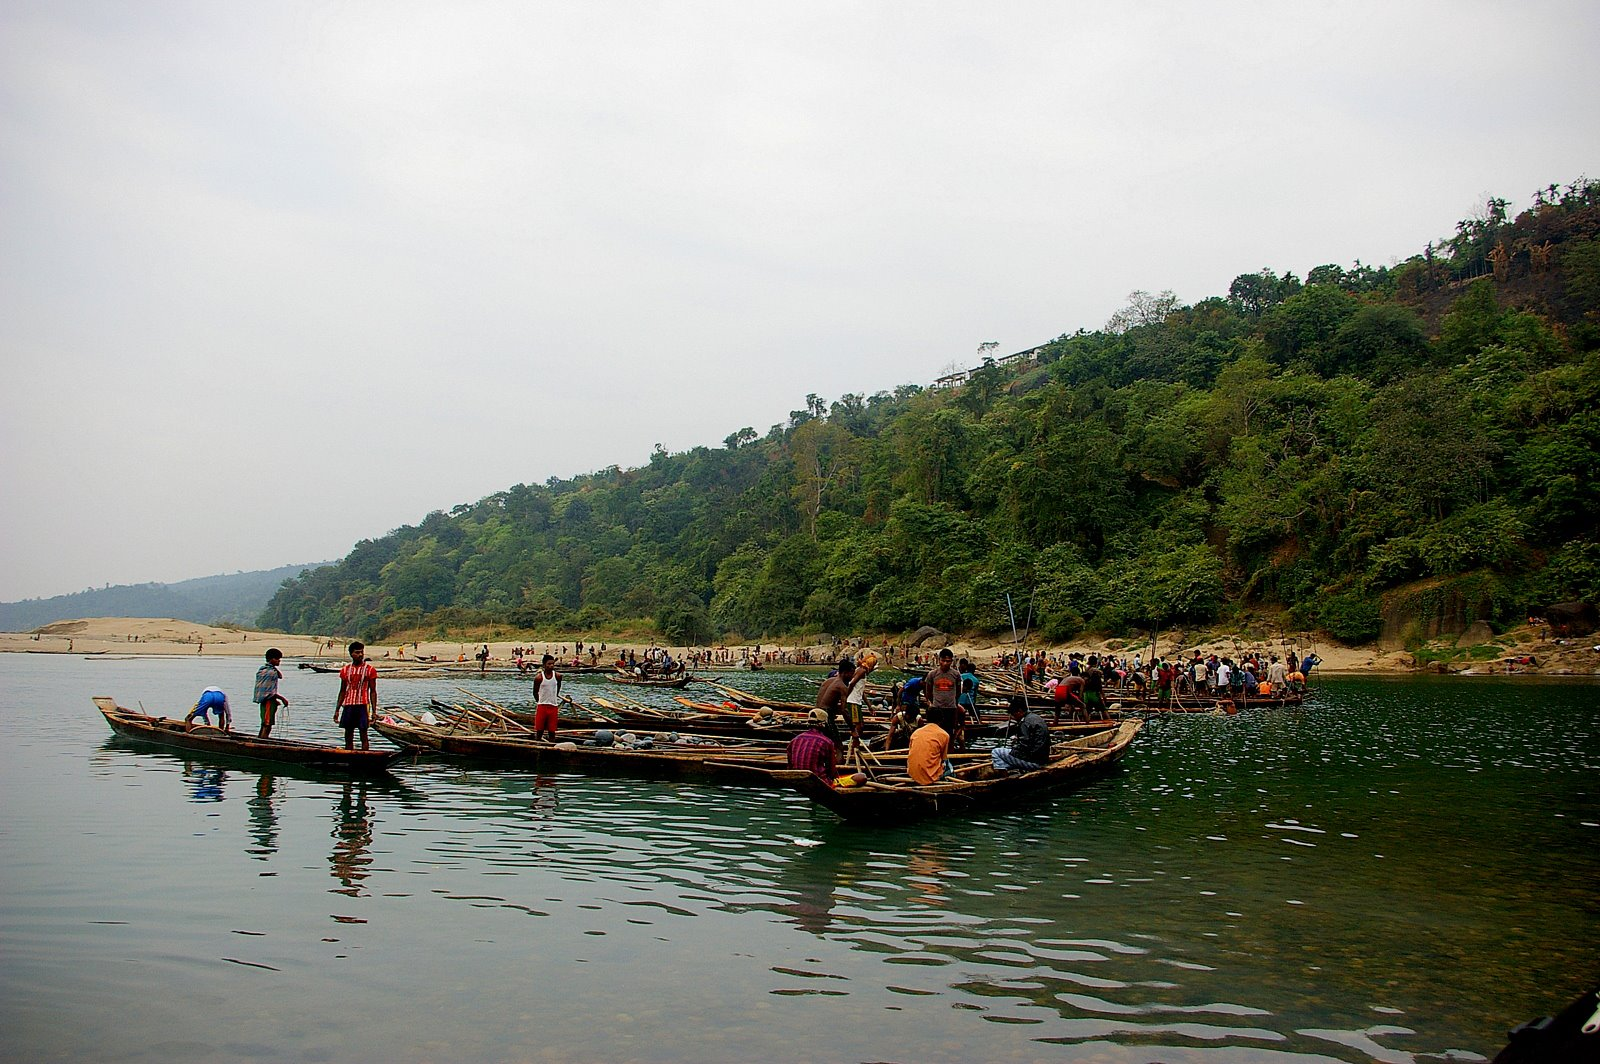 Jaflong, Bangladesh